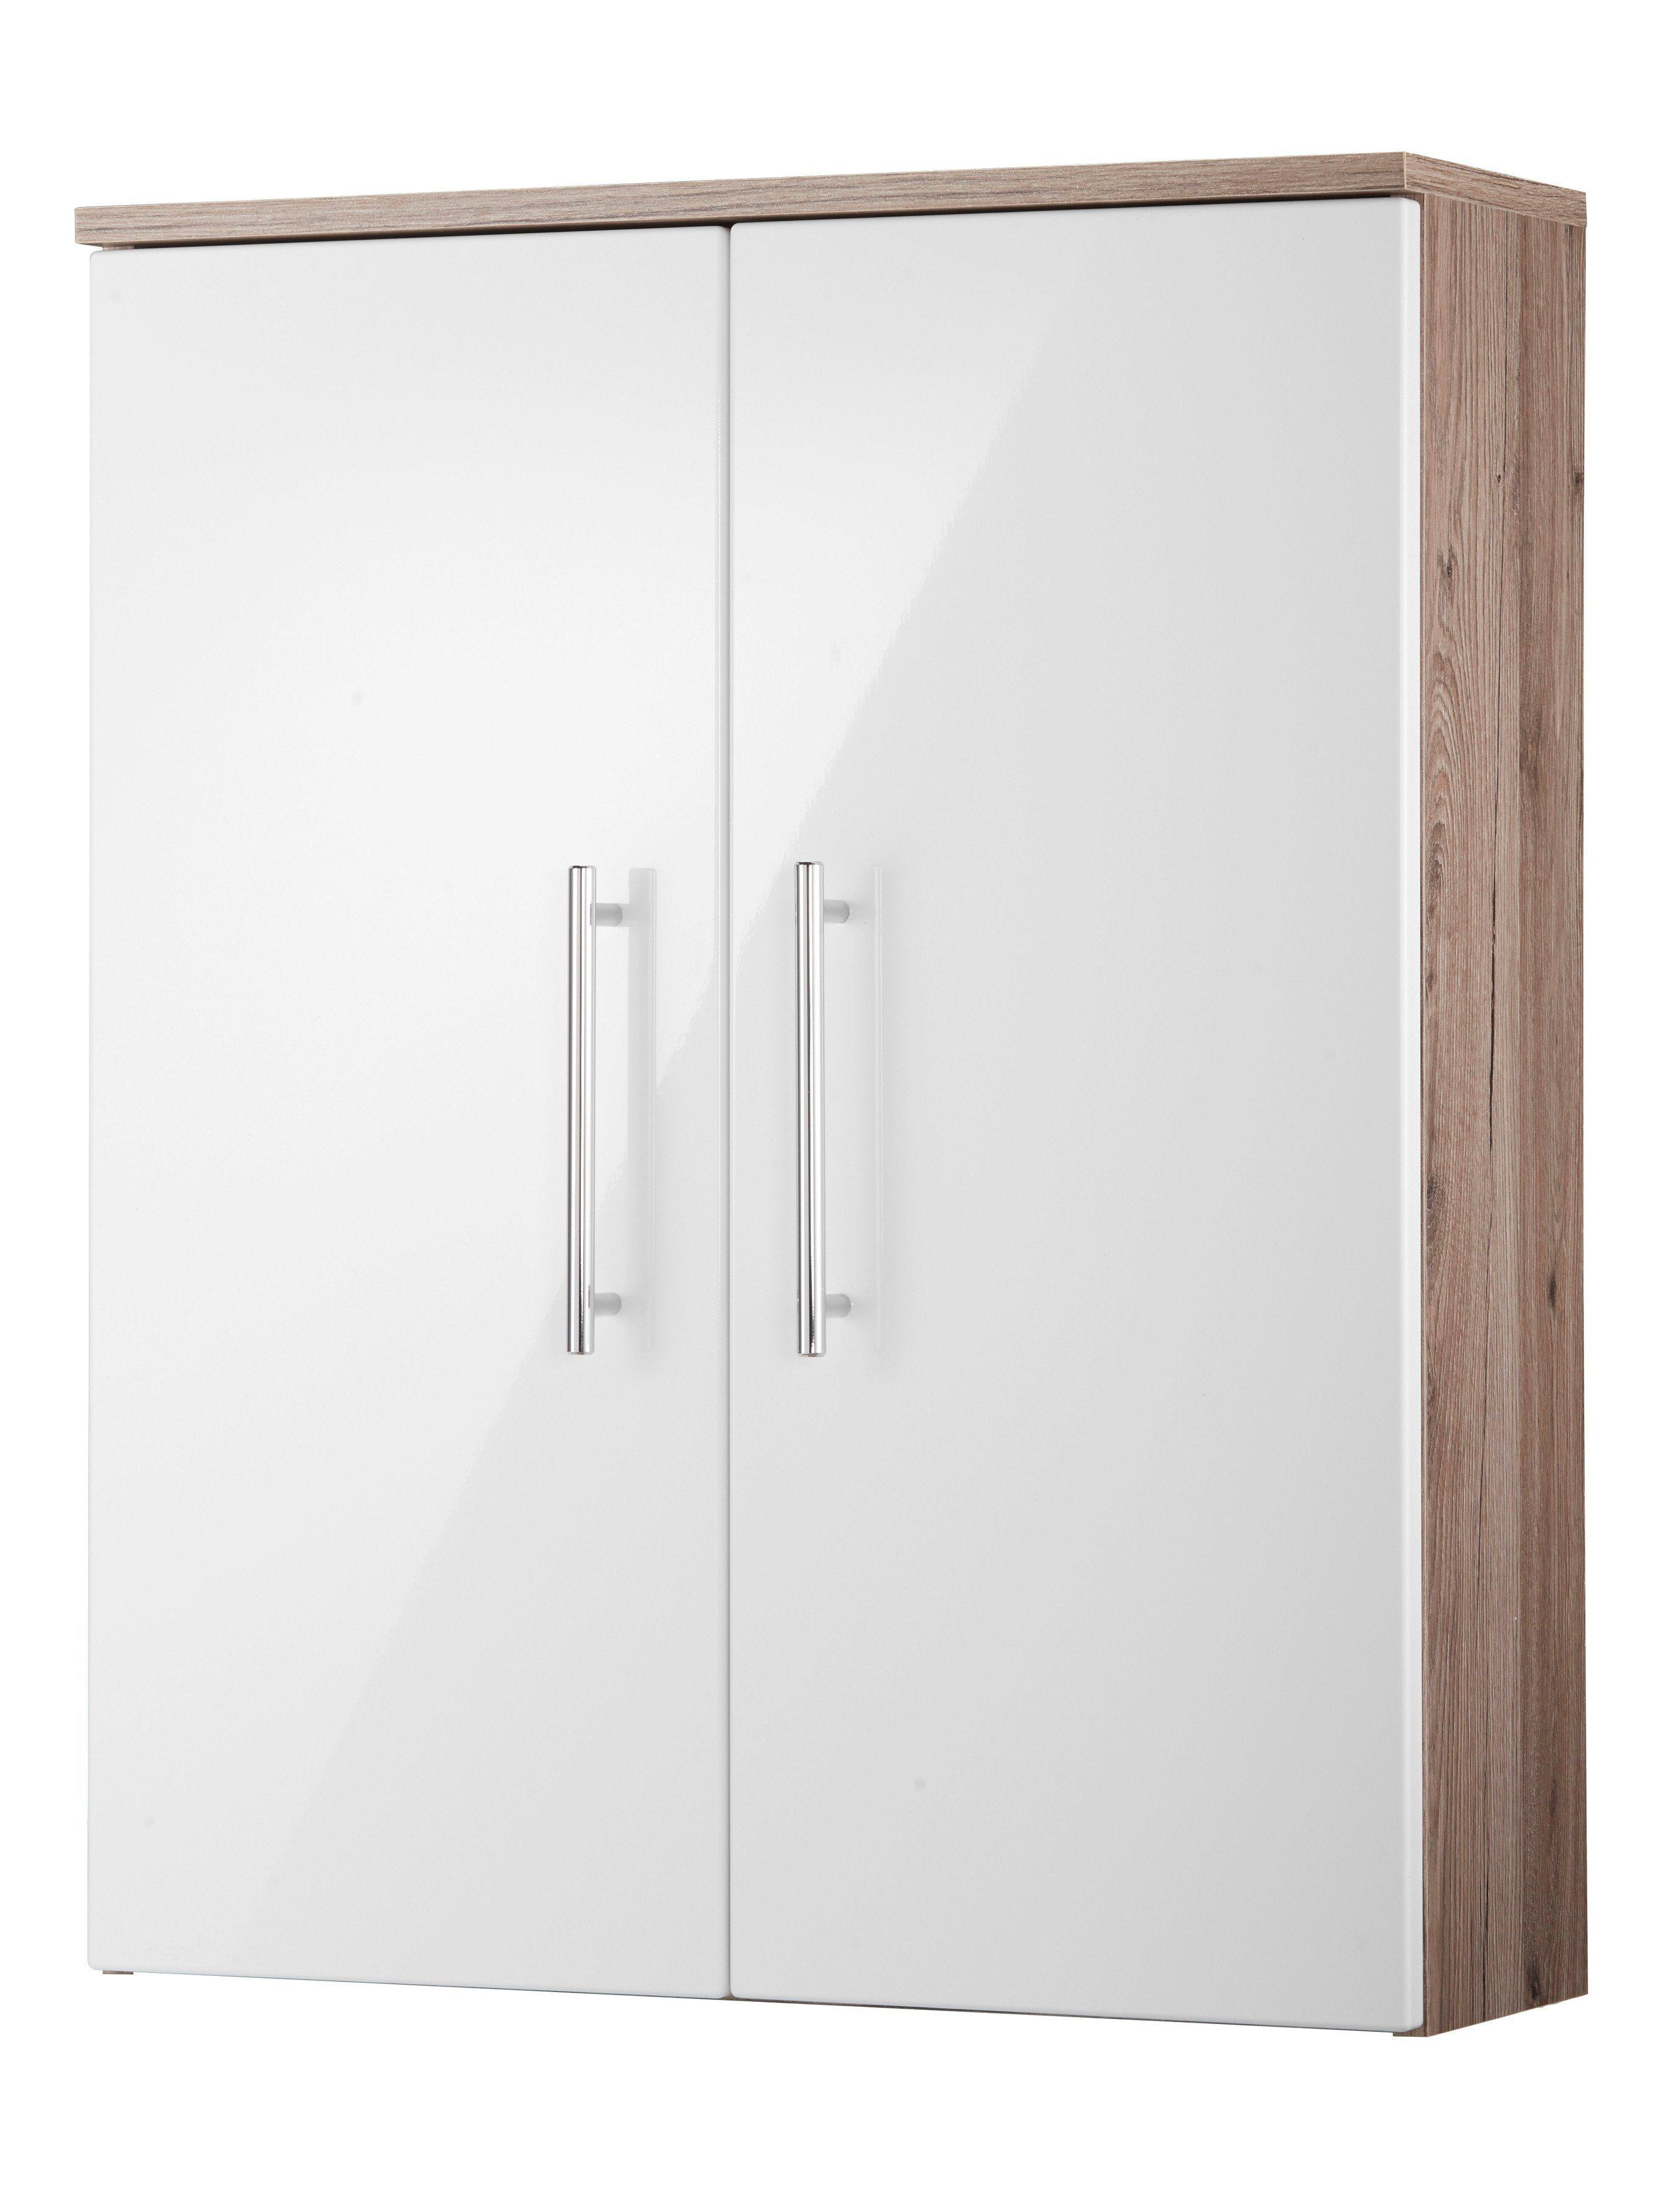 Kesper Hängeschrank »Toskana«, Breite 60 cm   Wohnzimmer > Schränke > Weitere Schränke   Spanplatte   Kesper